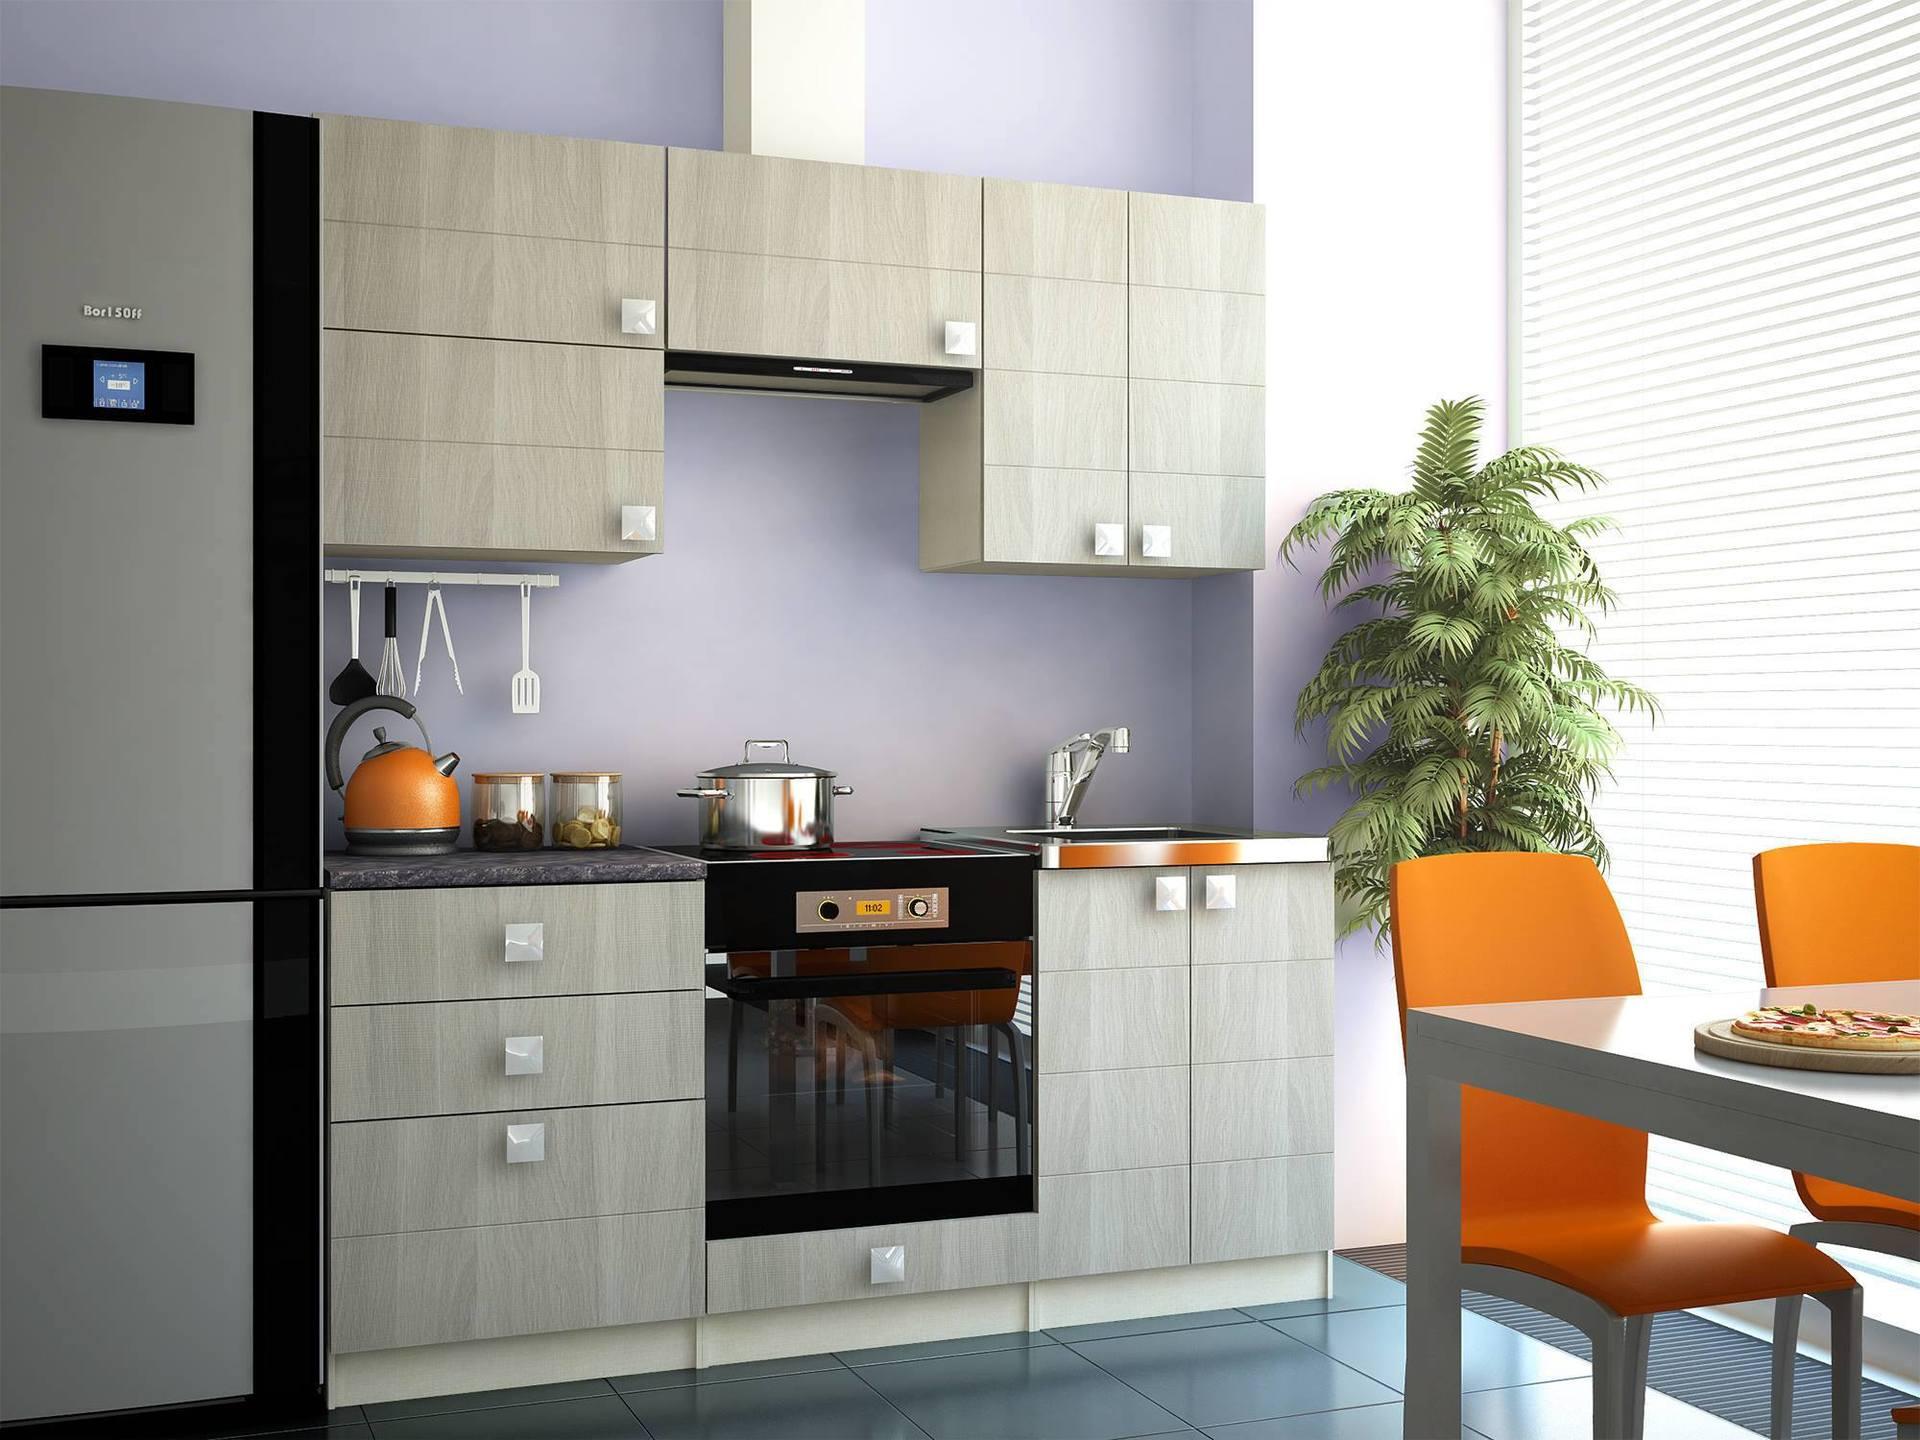 Картинки модели кухонных гарнитуров фото